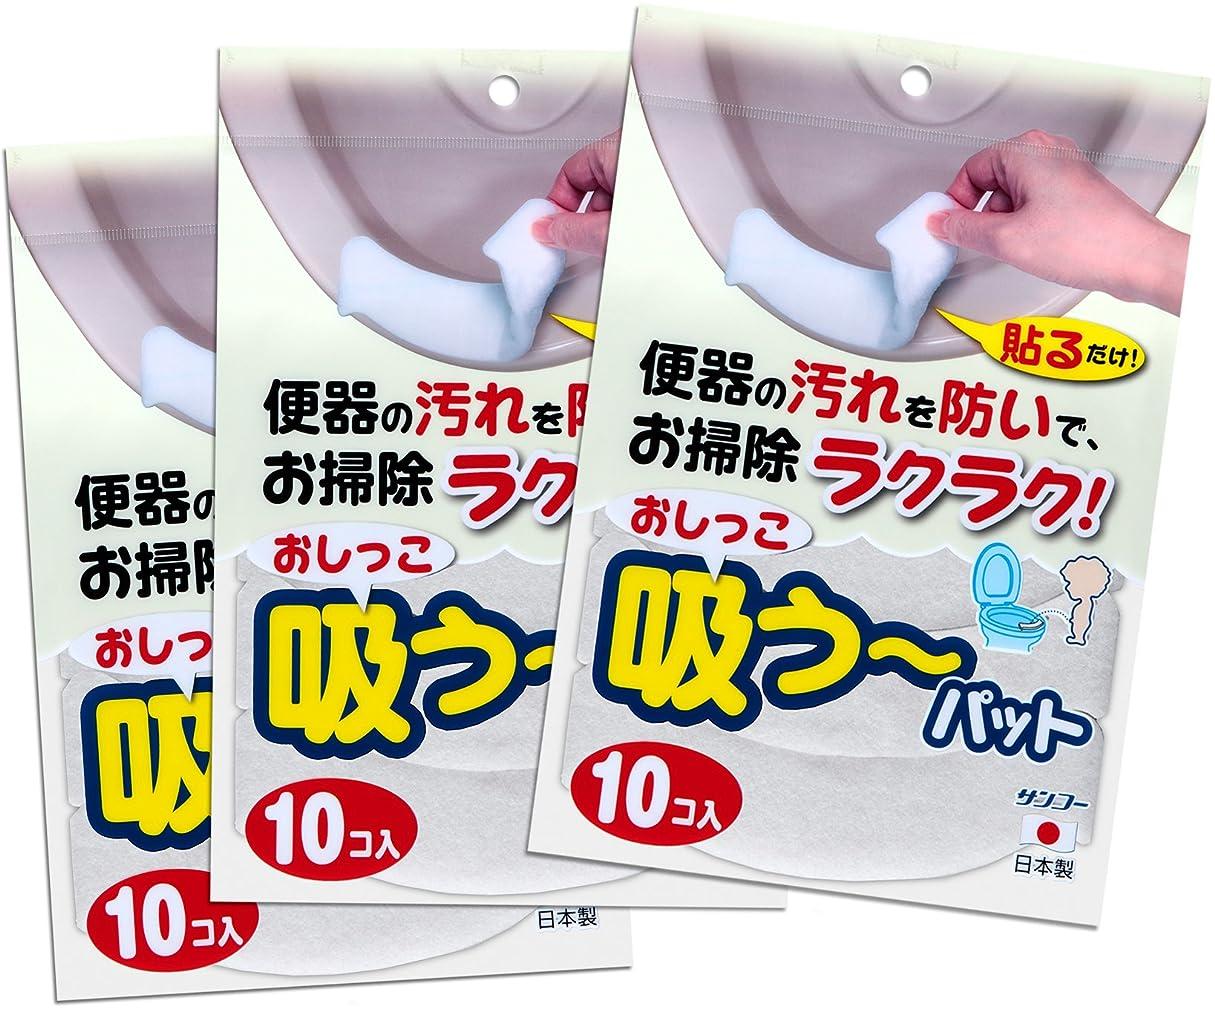 豆腐に頼るケーブルカーサンコー 汚れ防止 パット おしっこ吸うパット 30コ入 AE-80